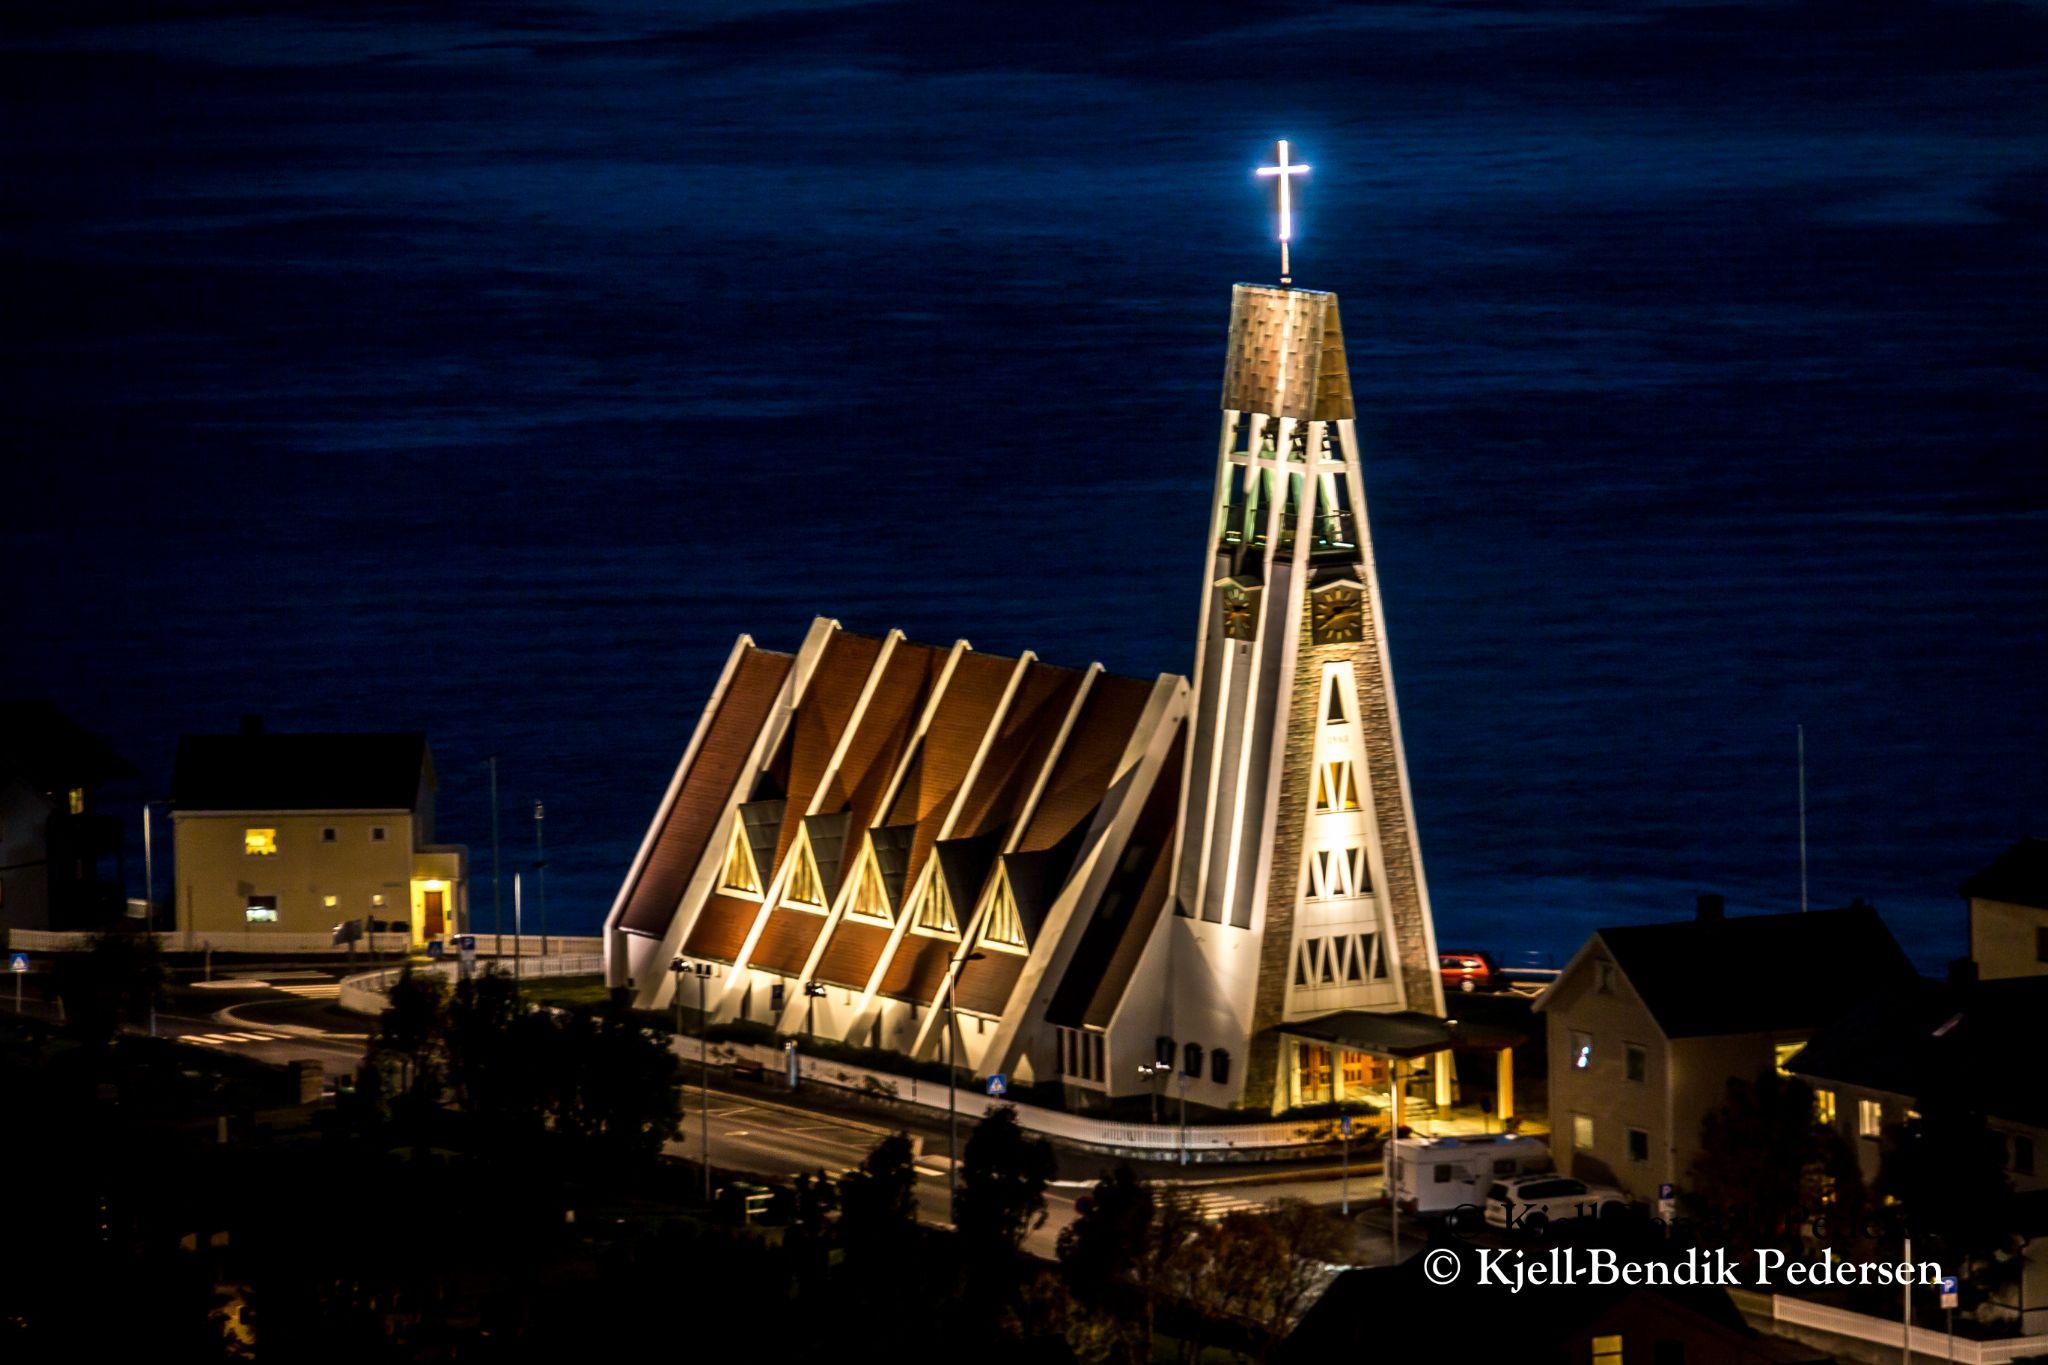 Hammerfest church by kjellbendik